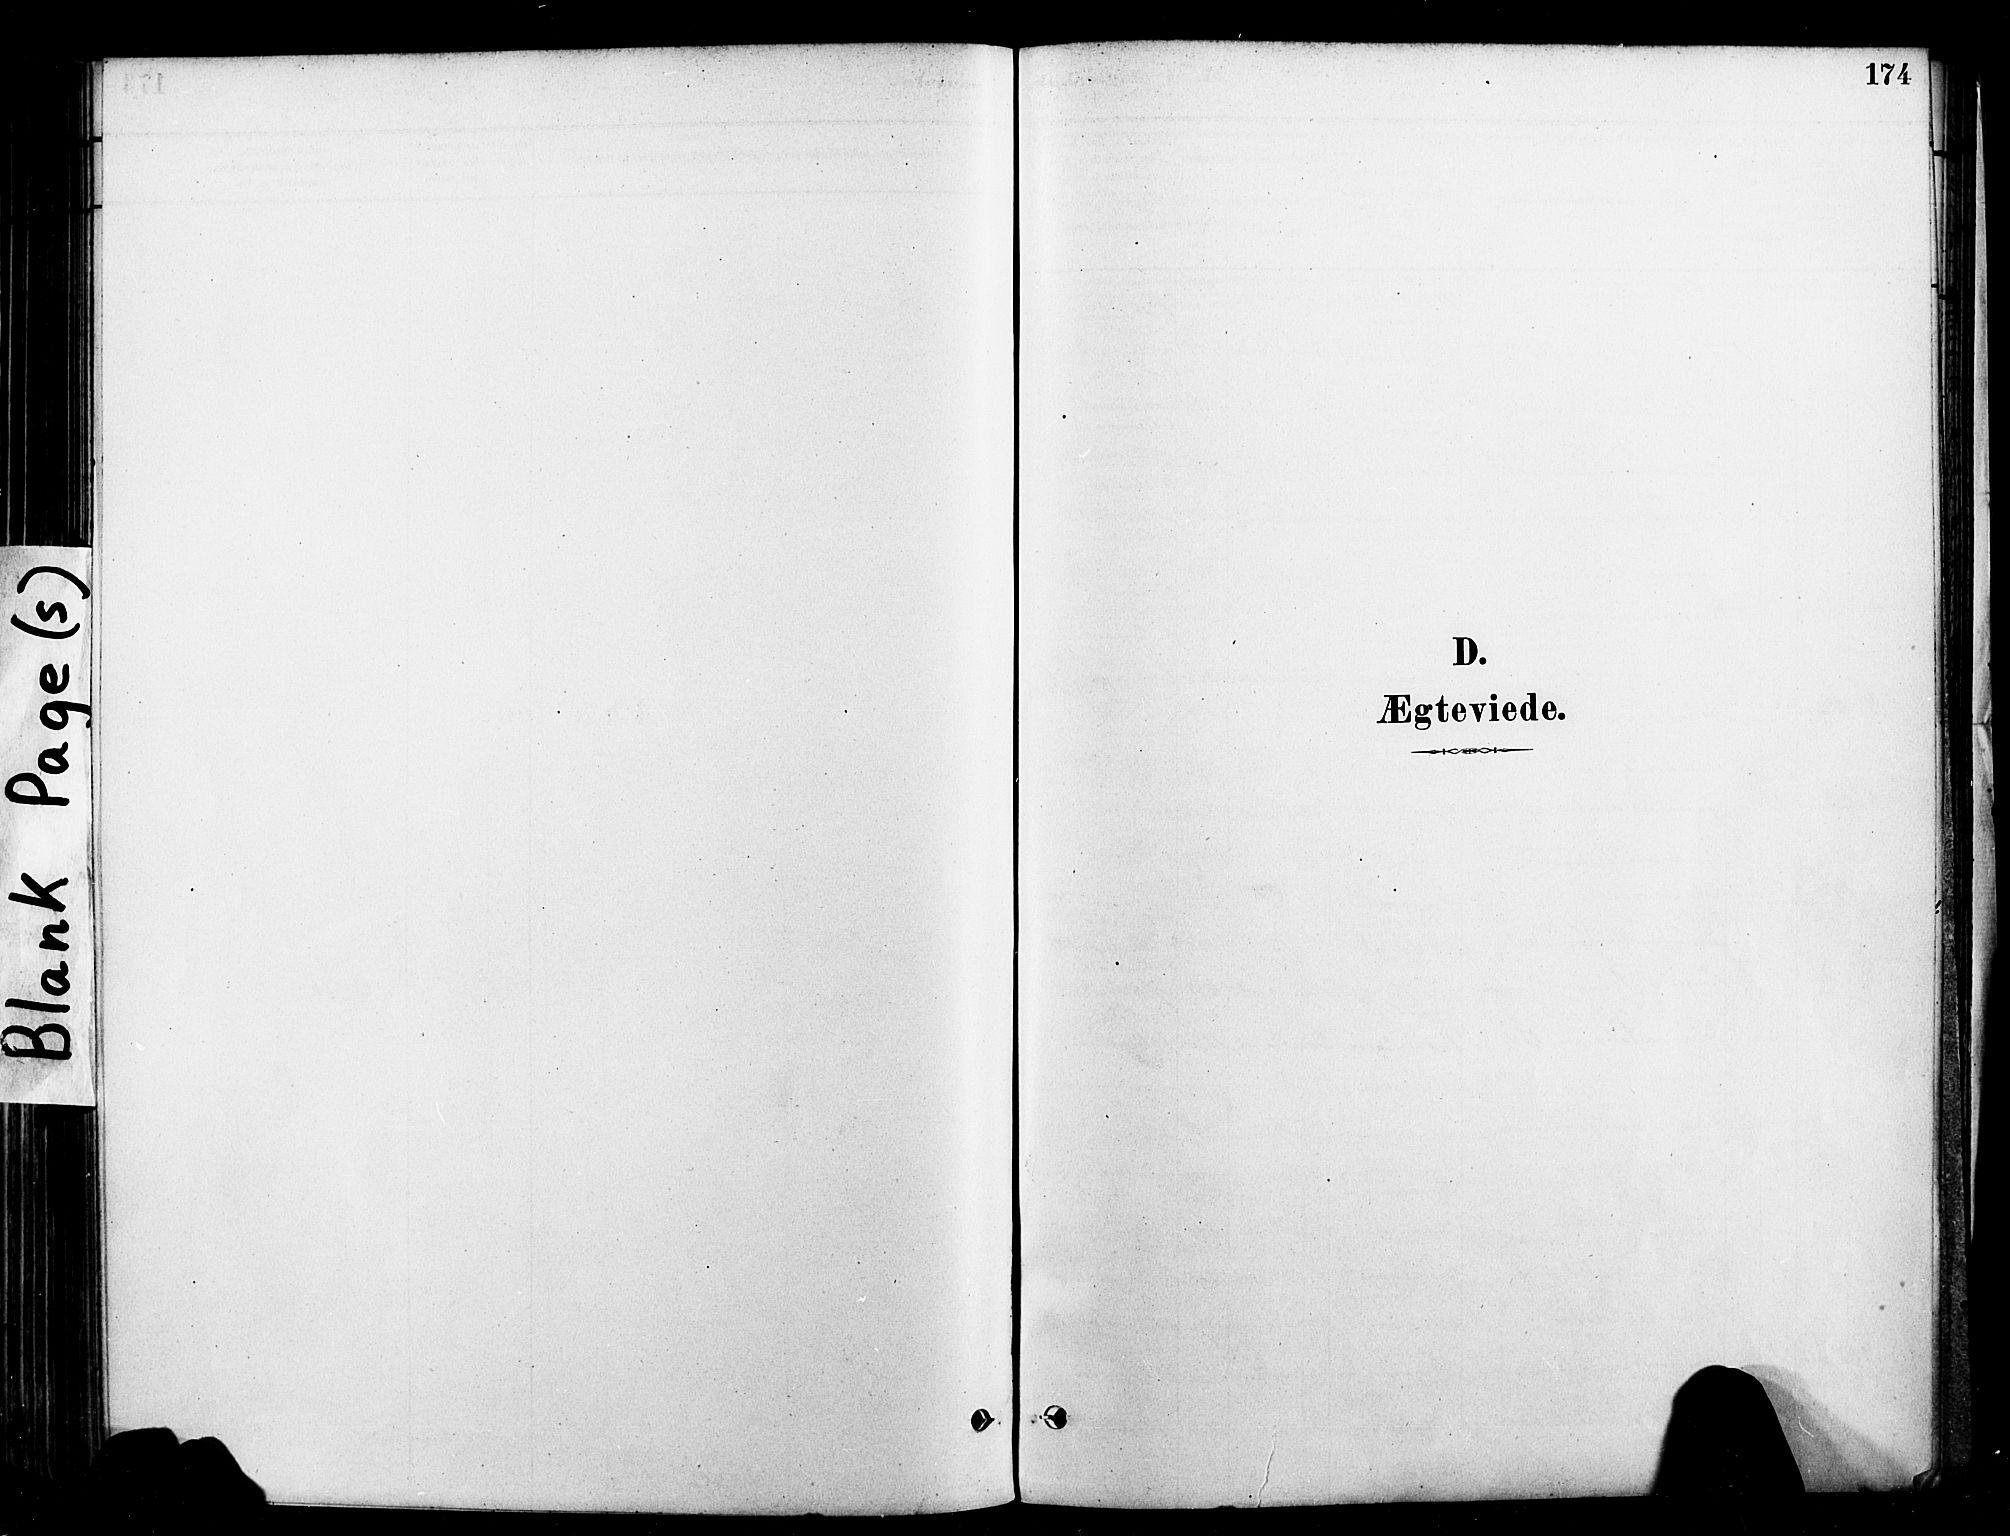 SAT, Ministerialprotokoller, klokkerbøker og fødselsregistre - Nord-Trøndelag, 709/L0077: Ministerialbok nr. 709A17, 1880-1895, s. 174